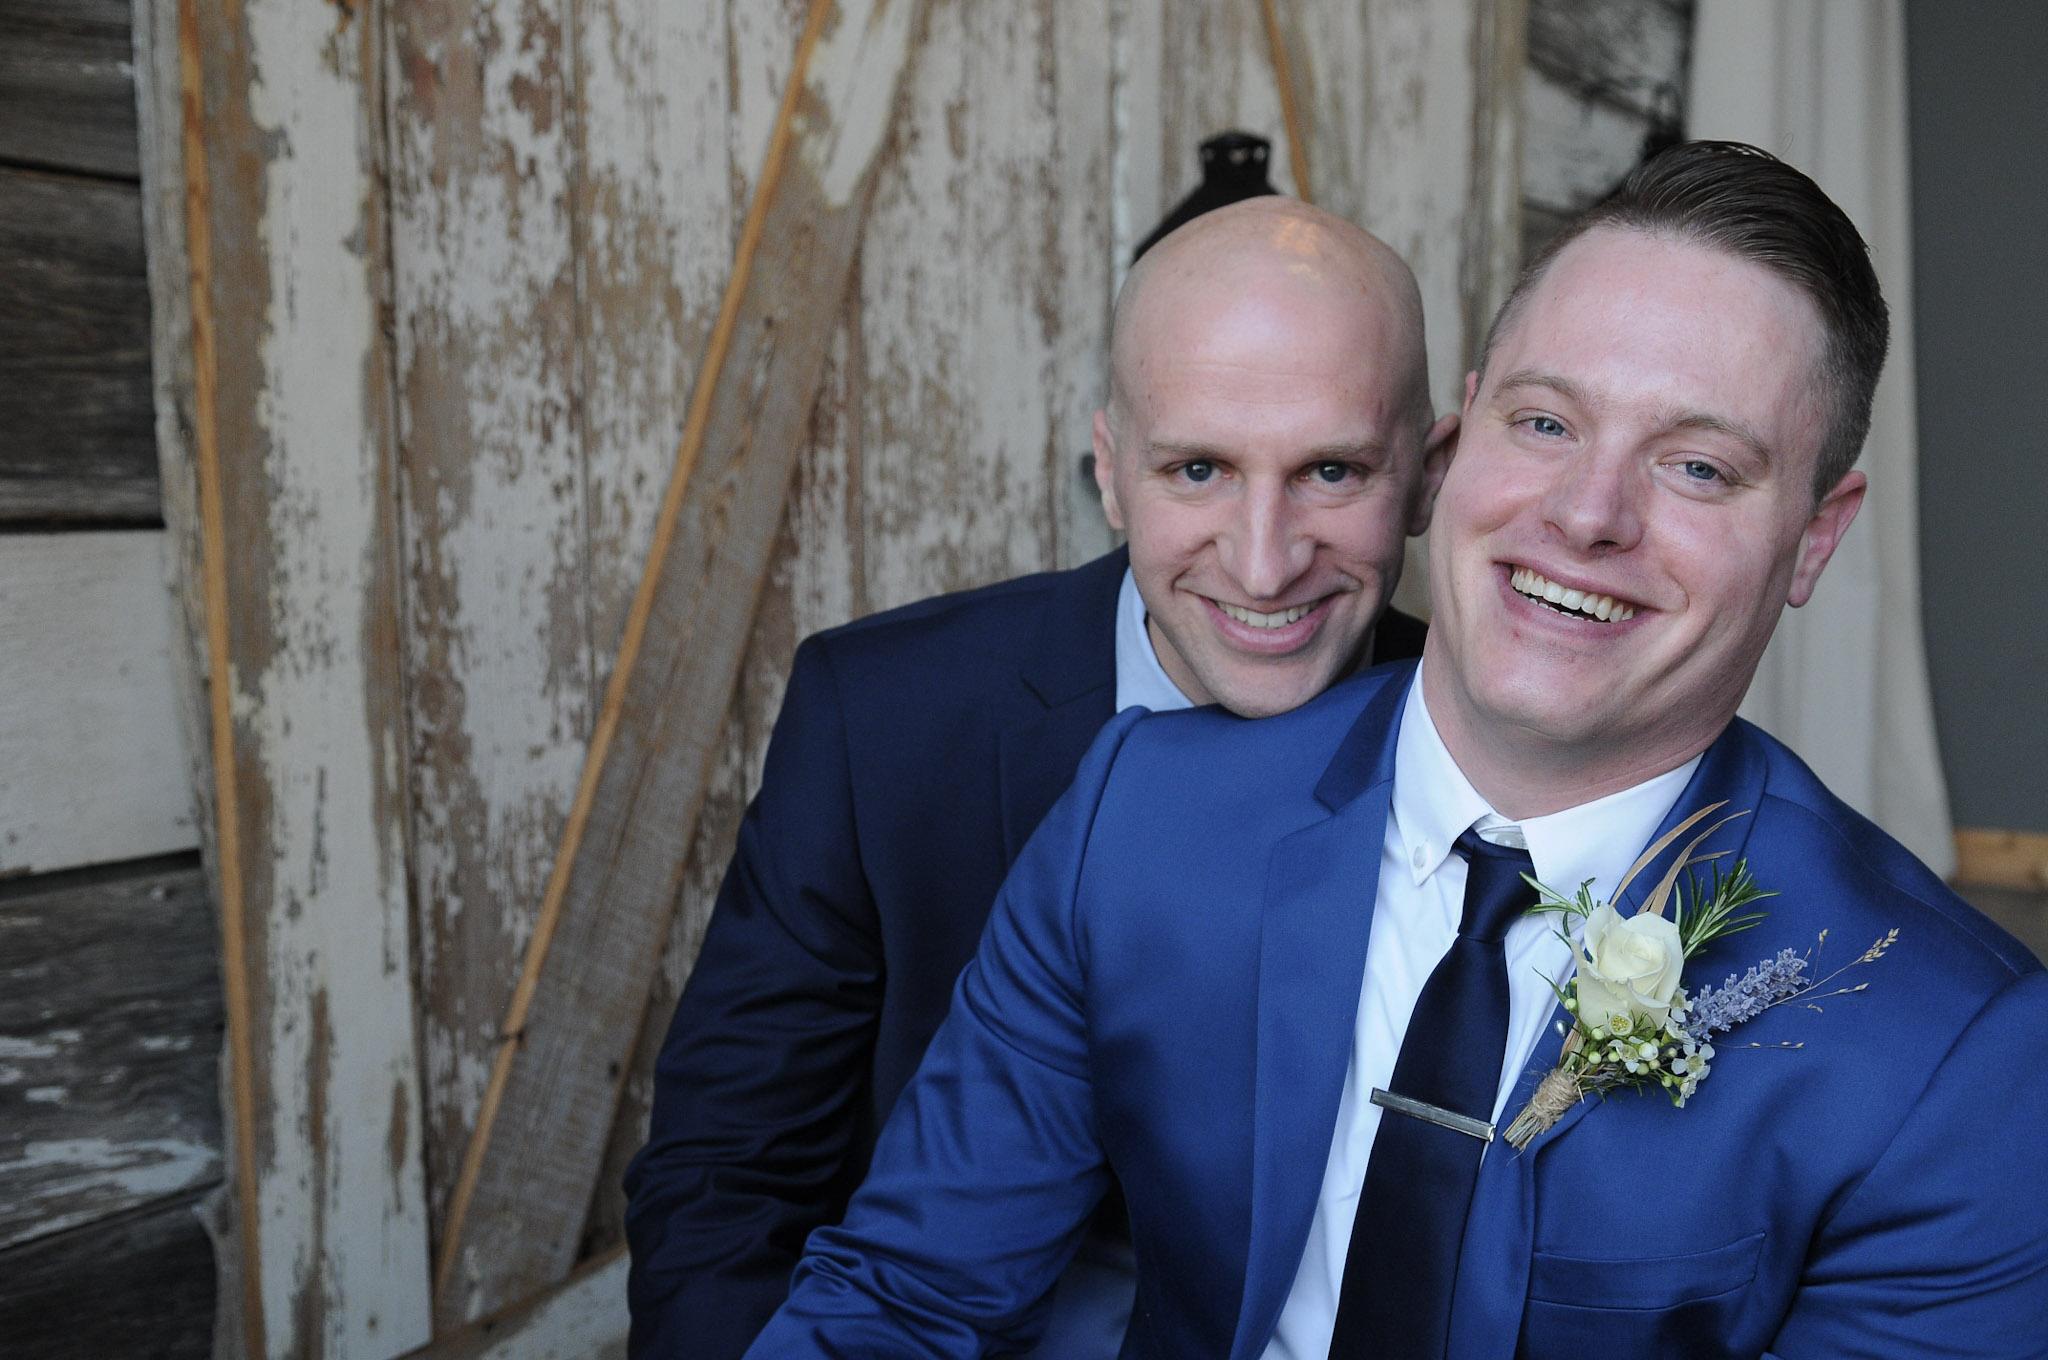 Kansas_City_Small_Intimate_Budget_Wedding_Venue_IMG_7460.jpg